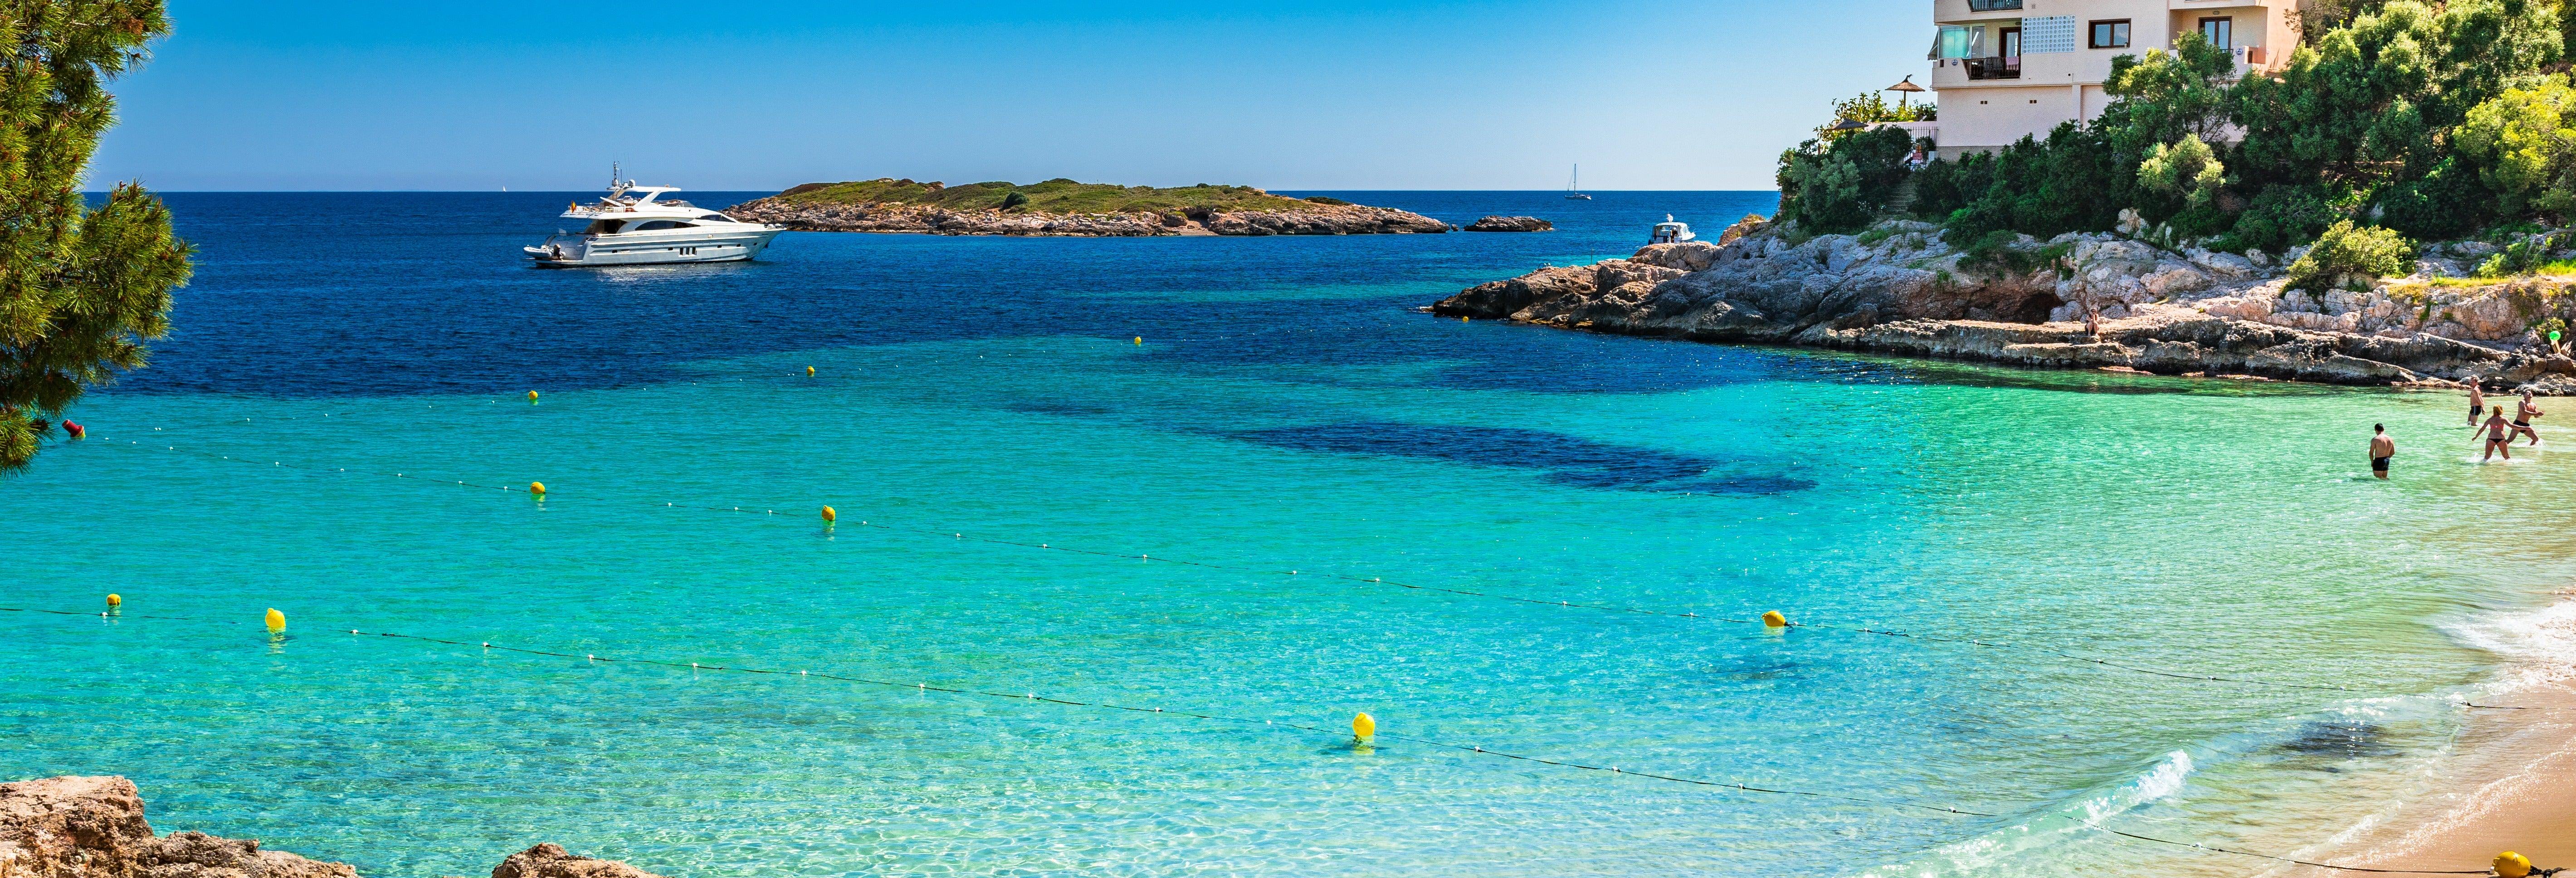 Excursão à praia de Ses Illetes de catamarã saindo da cidade de Ibiza